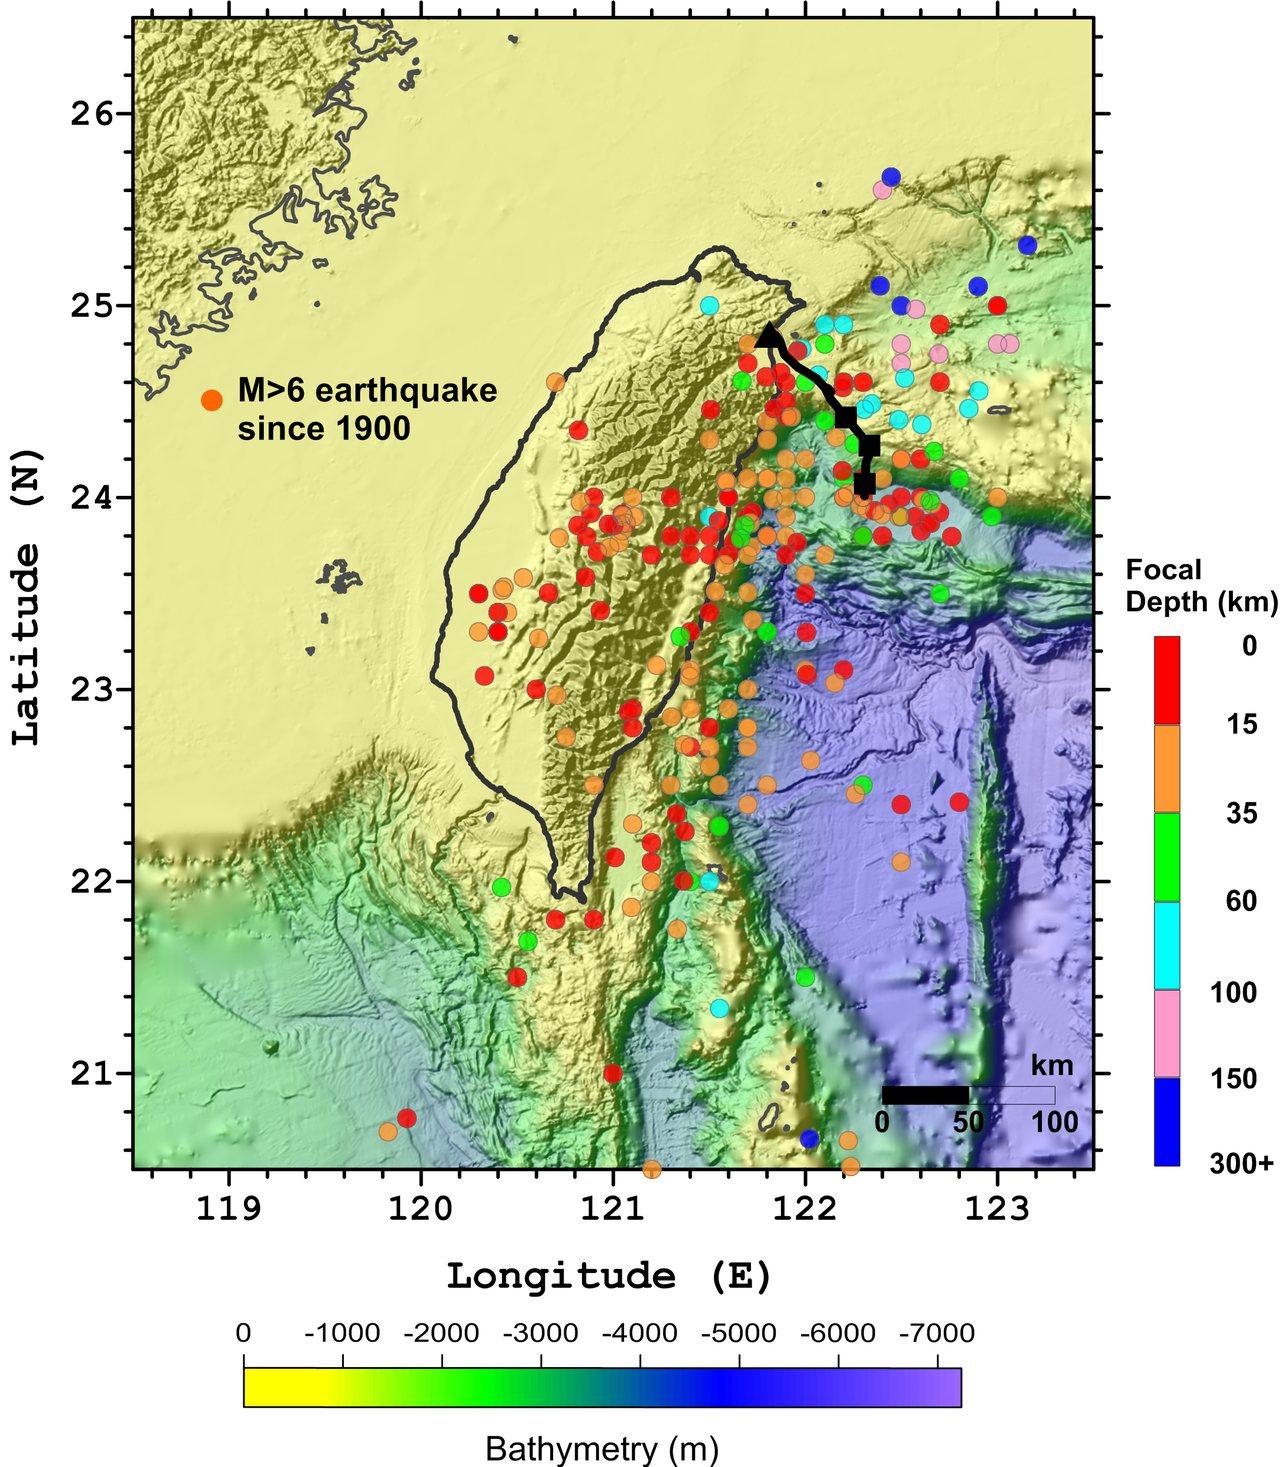 氣象局115公里地震海纜系統路線圖,黑色三角形表示頭城陸上站、黑色矩形為即時地震...